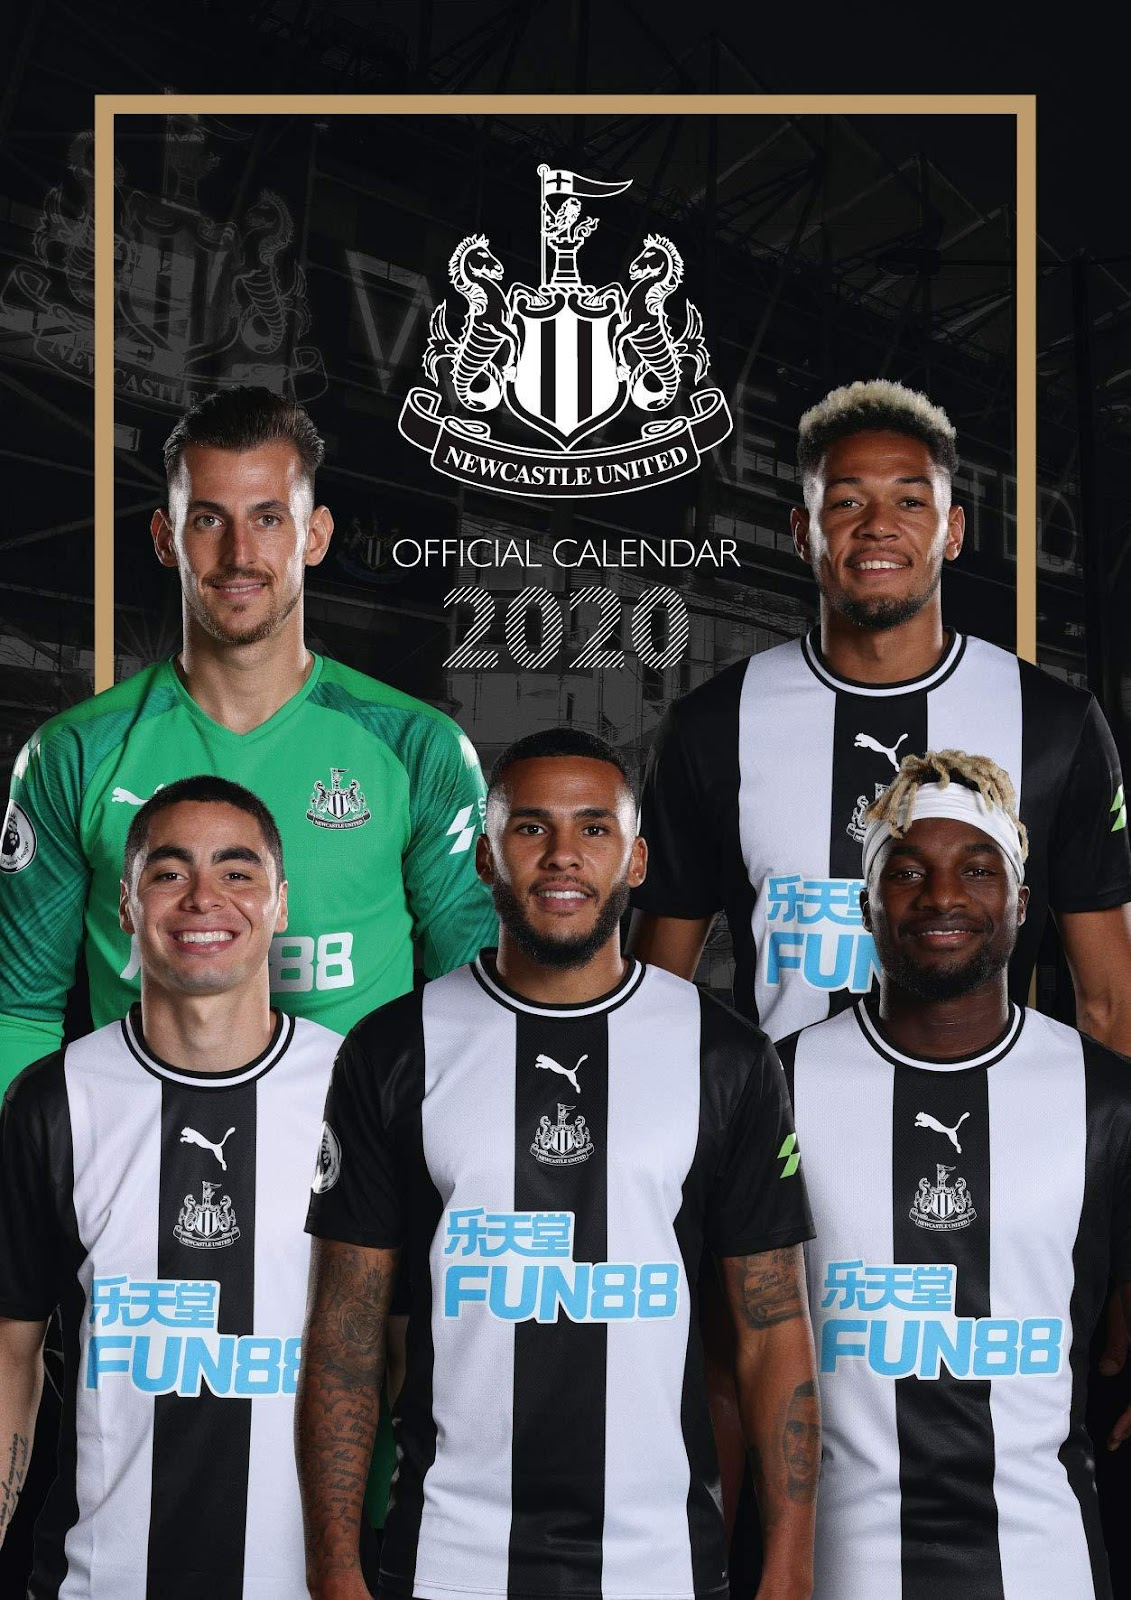 C:\Users\0\Desktop\Newcastle United.jpg